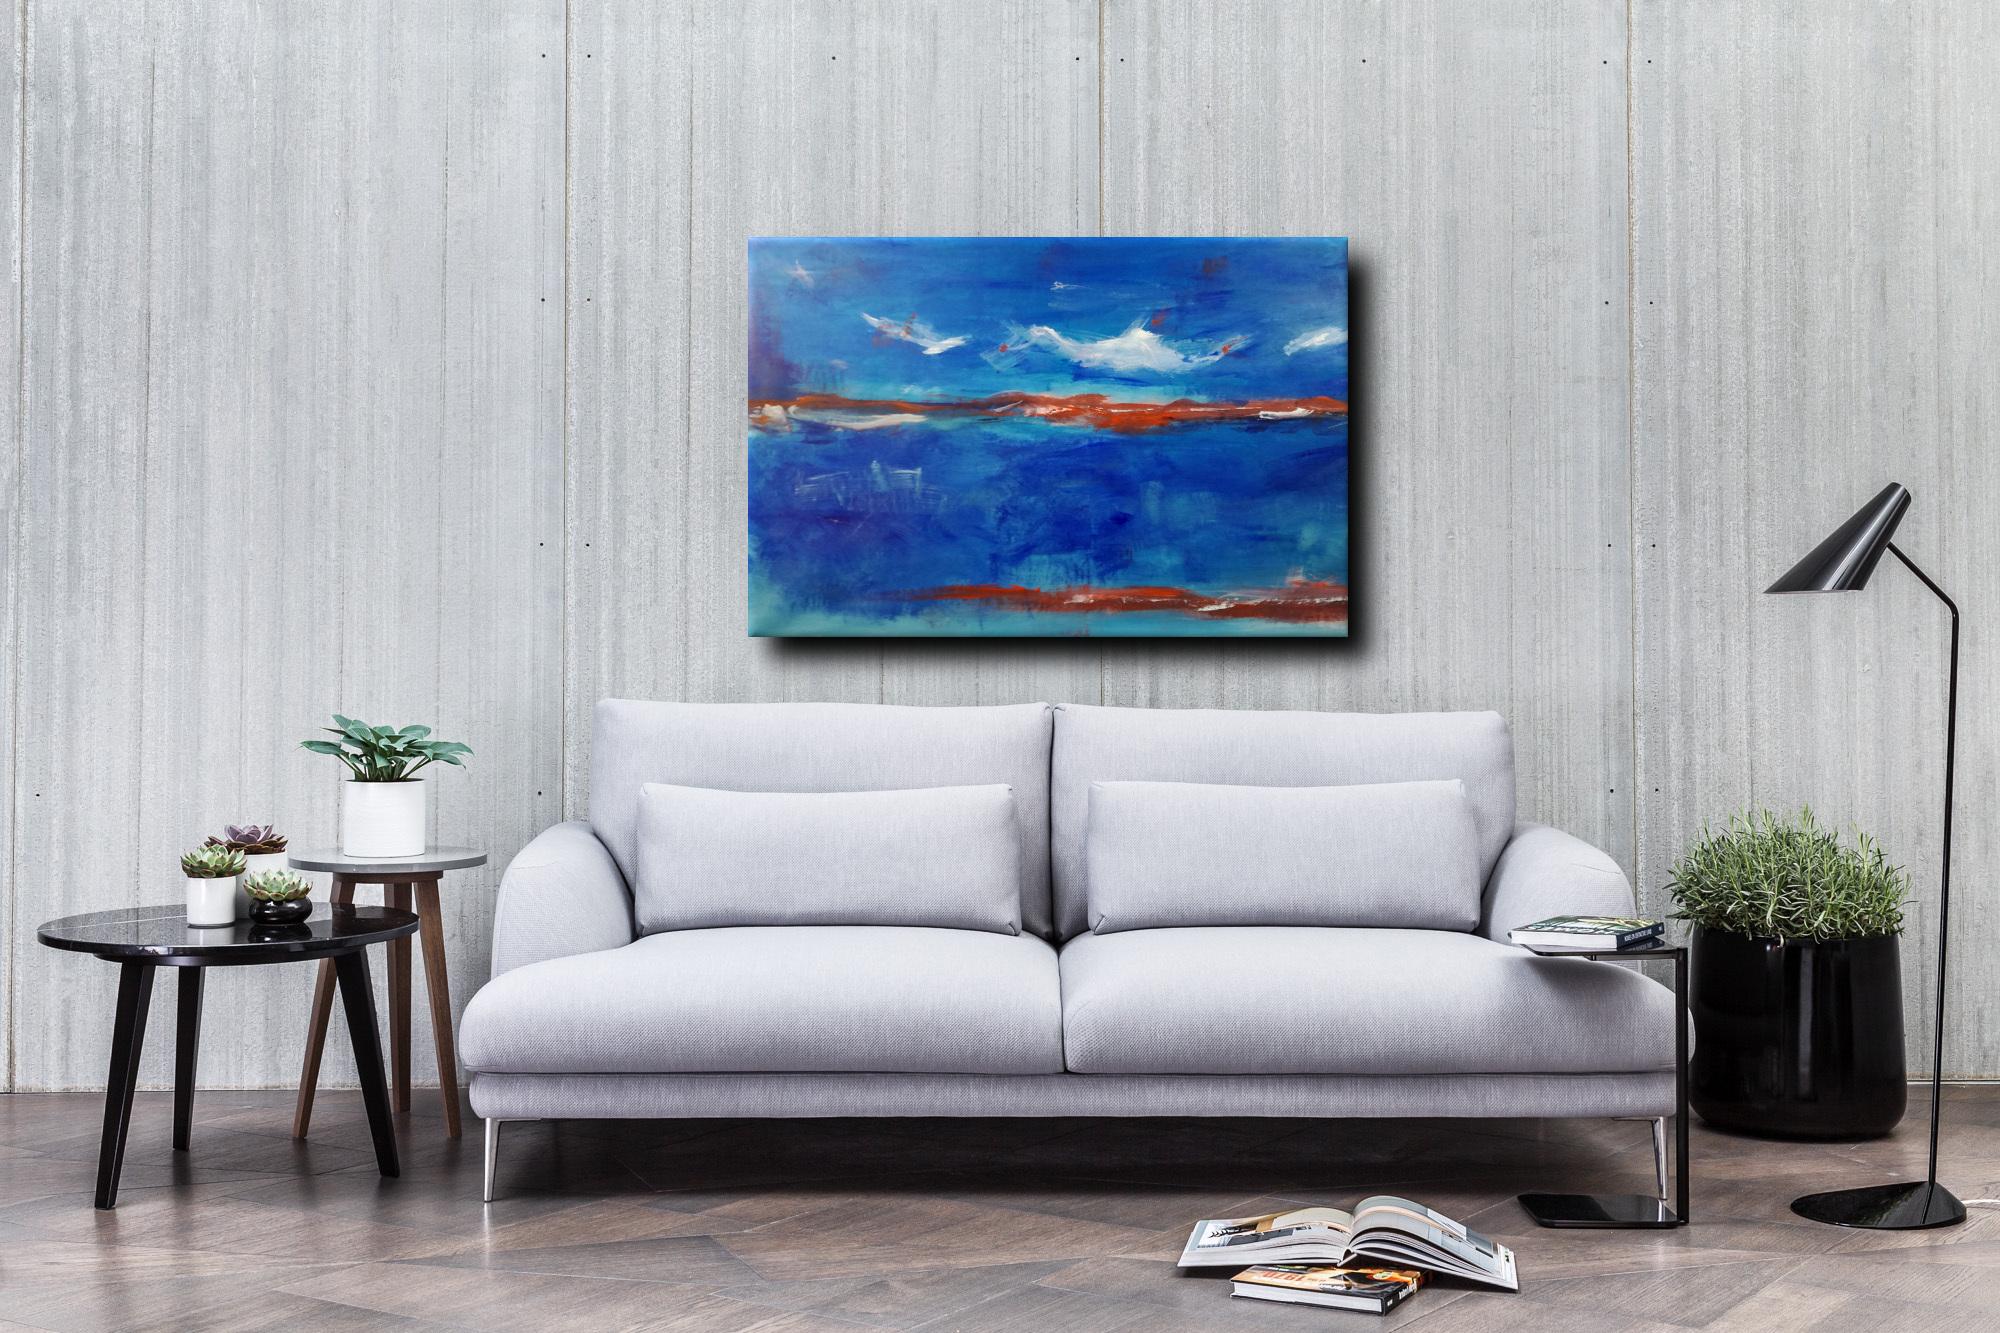 paesaggio astratto moderno c007 - quadro moderno paesaggio astratto